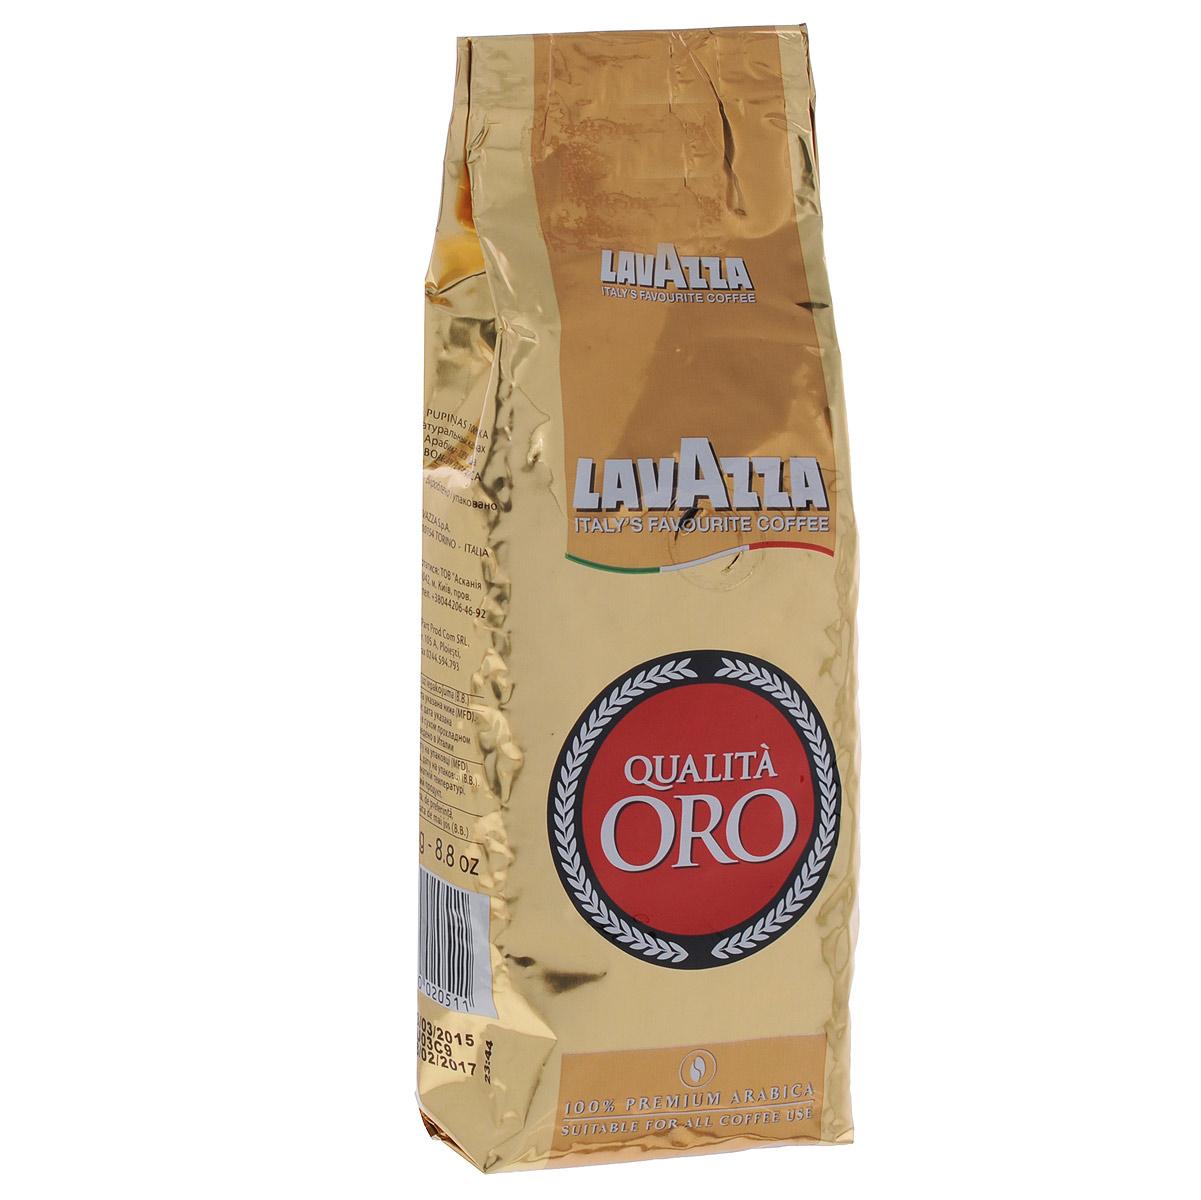 Lavazza Qualita Oro кофе в зернах, 250 г0120710Lavazza Qualita Oro - ароматный напиток, созданный для требовательного кофемана с утонченным вкусом. Тщательно подобранный купаж создан из 100 % высокогорной арабики, выращенной на лучших плантациях Центральной Америки. Средняя обжарка и высокое качество сырья позволяют получить ярко выраженный красочный вкус и запоминающийся аромат, наполненный выразительной цветочной нотой с небольшой кислинкой.Отличной подойдет не только для кафе,баров и ресторанов, но и для вашей кофемашины в офис или домой.